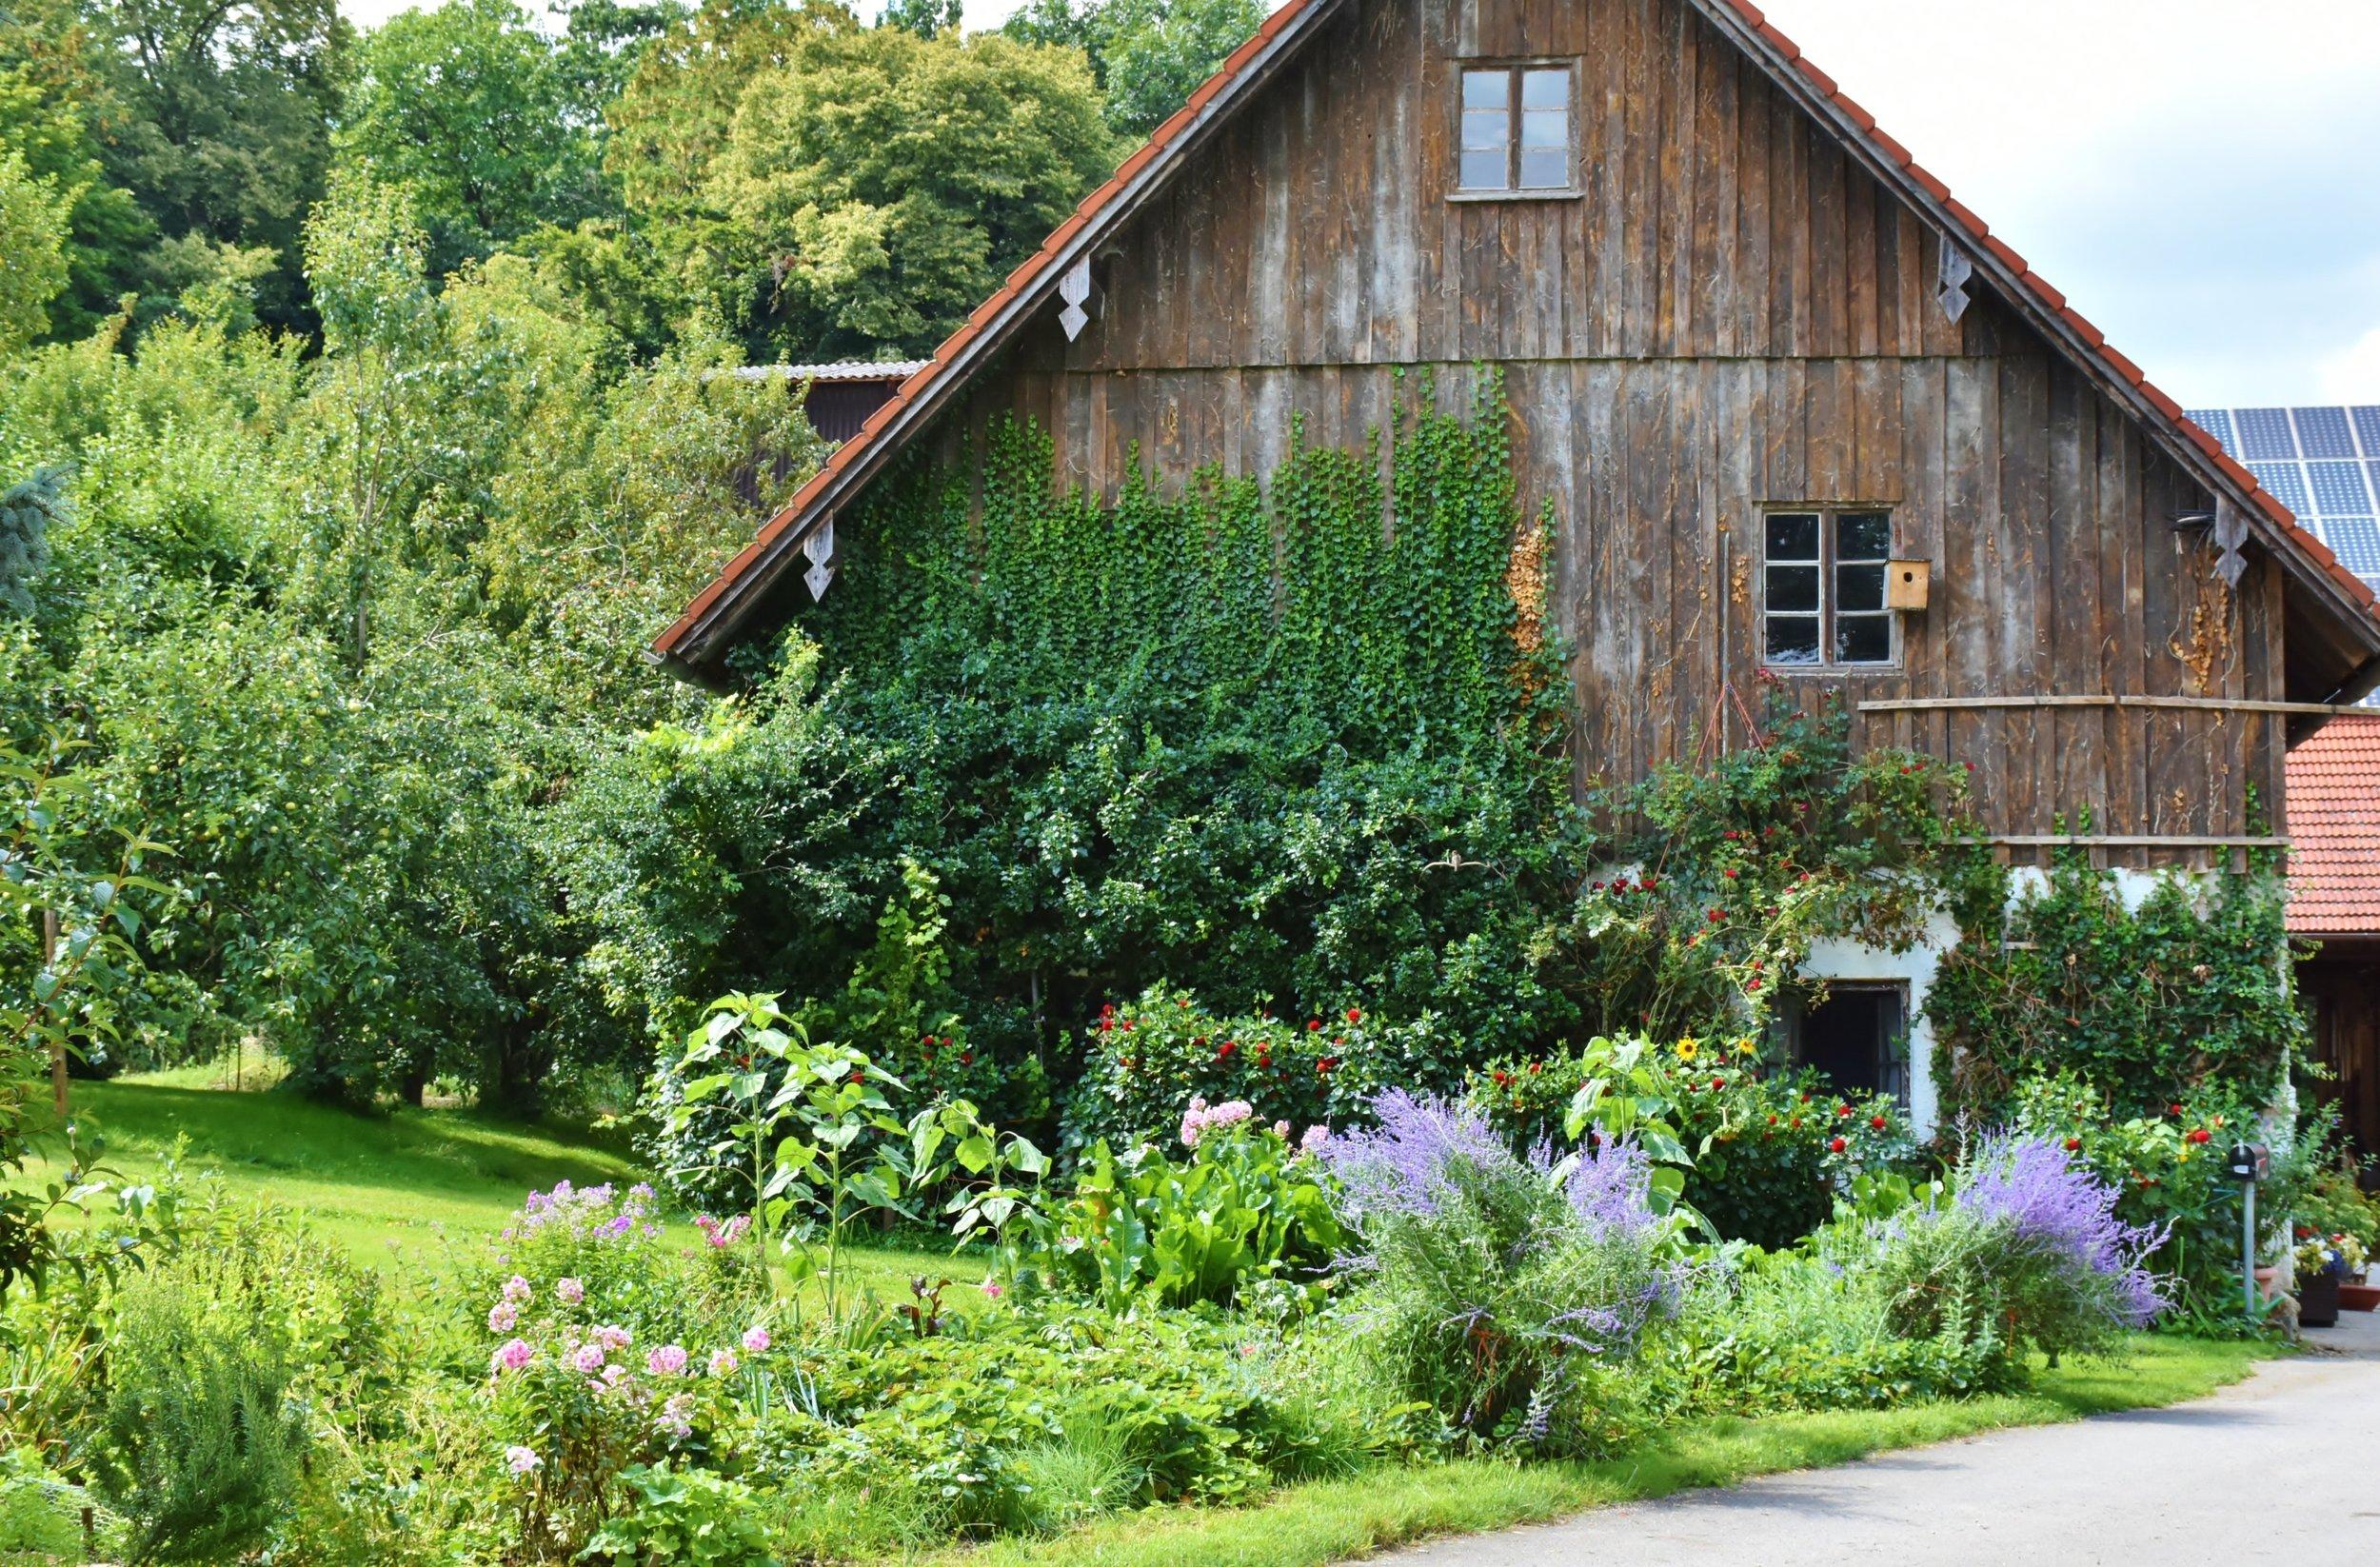 daylight-farm-farmhouse-158228.jpg